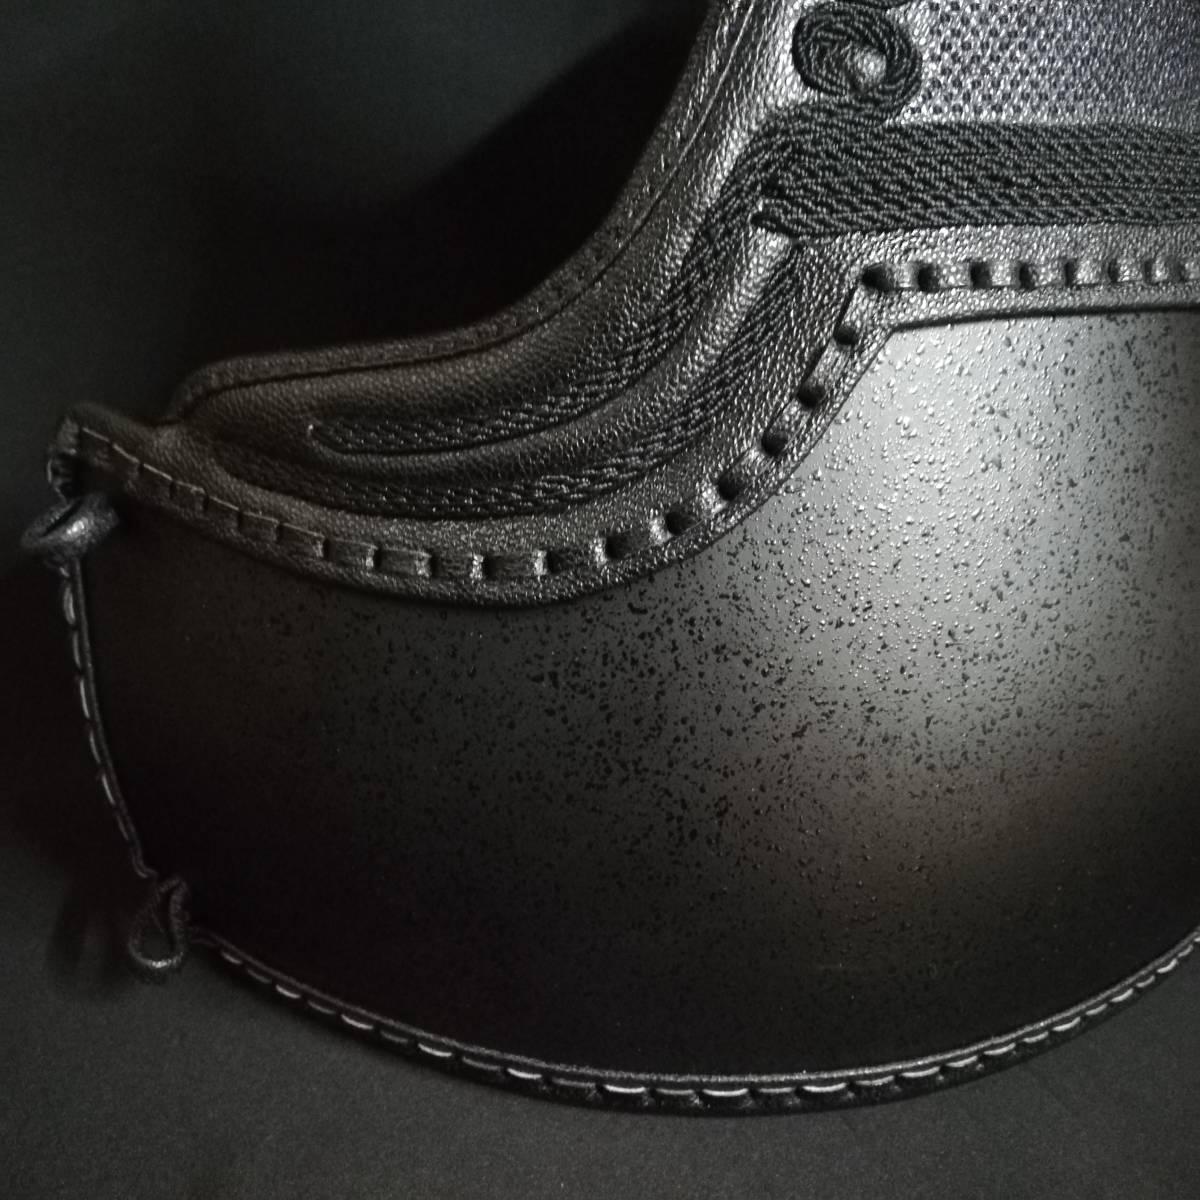 月産限定10セット オーダーメイド織刺2.5分手刺セット 選べる内輪素材 布団の長さ幅もお好みで 子供用可 _黒石目胴は8,000円追加となります